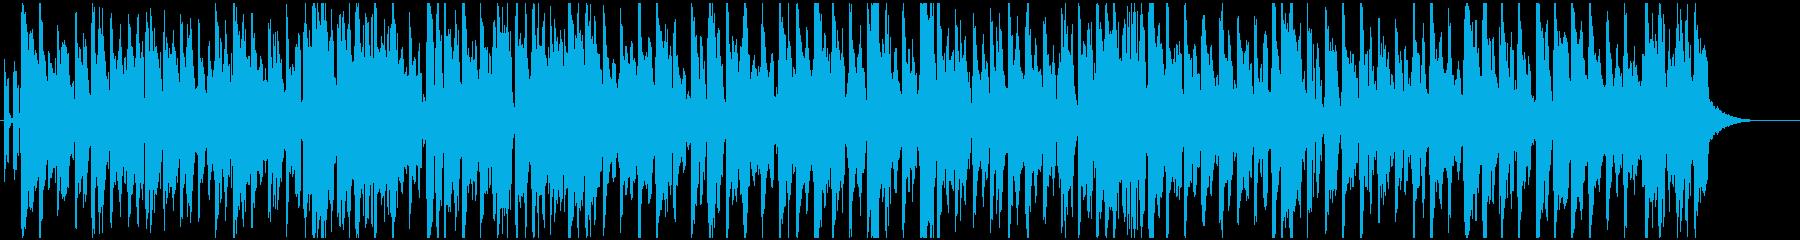 ハッピーバースデー うきうきバージョンの再生済みの波形